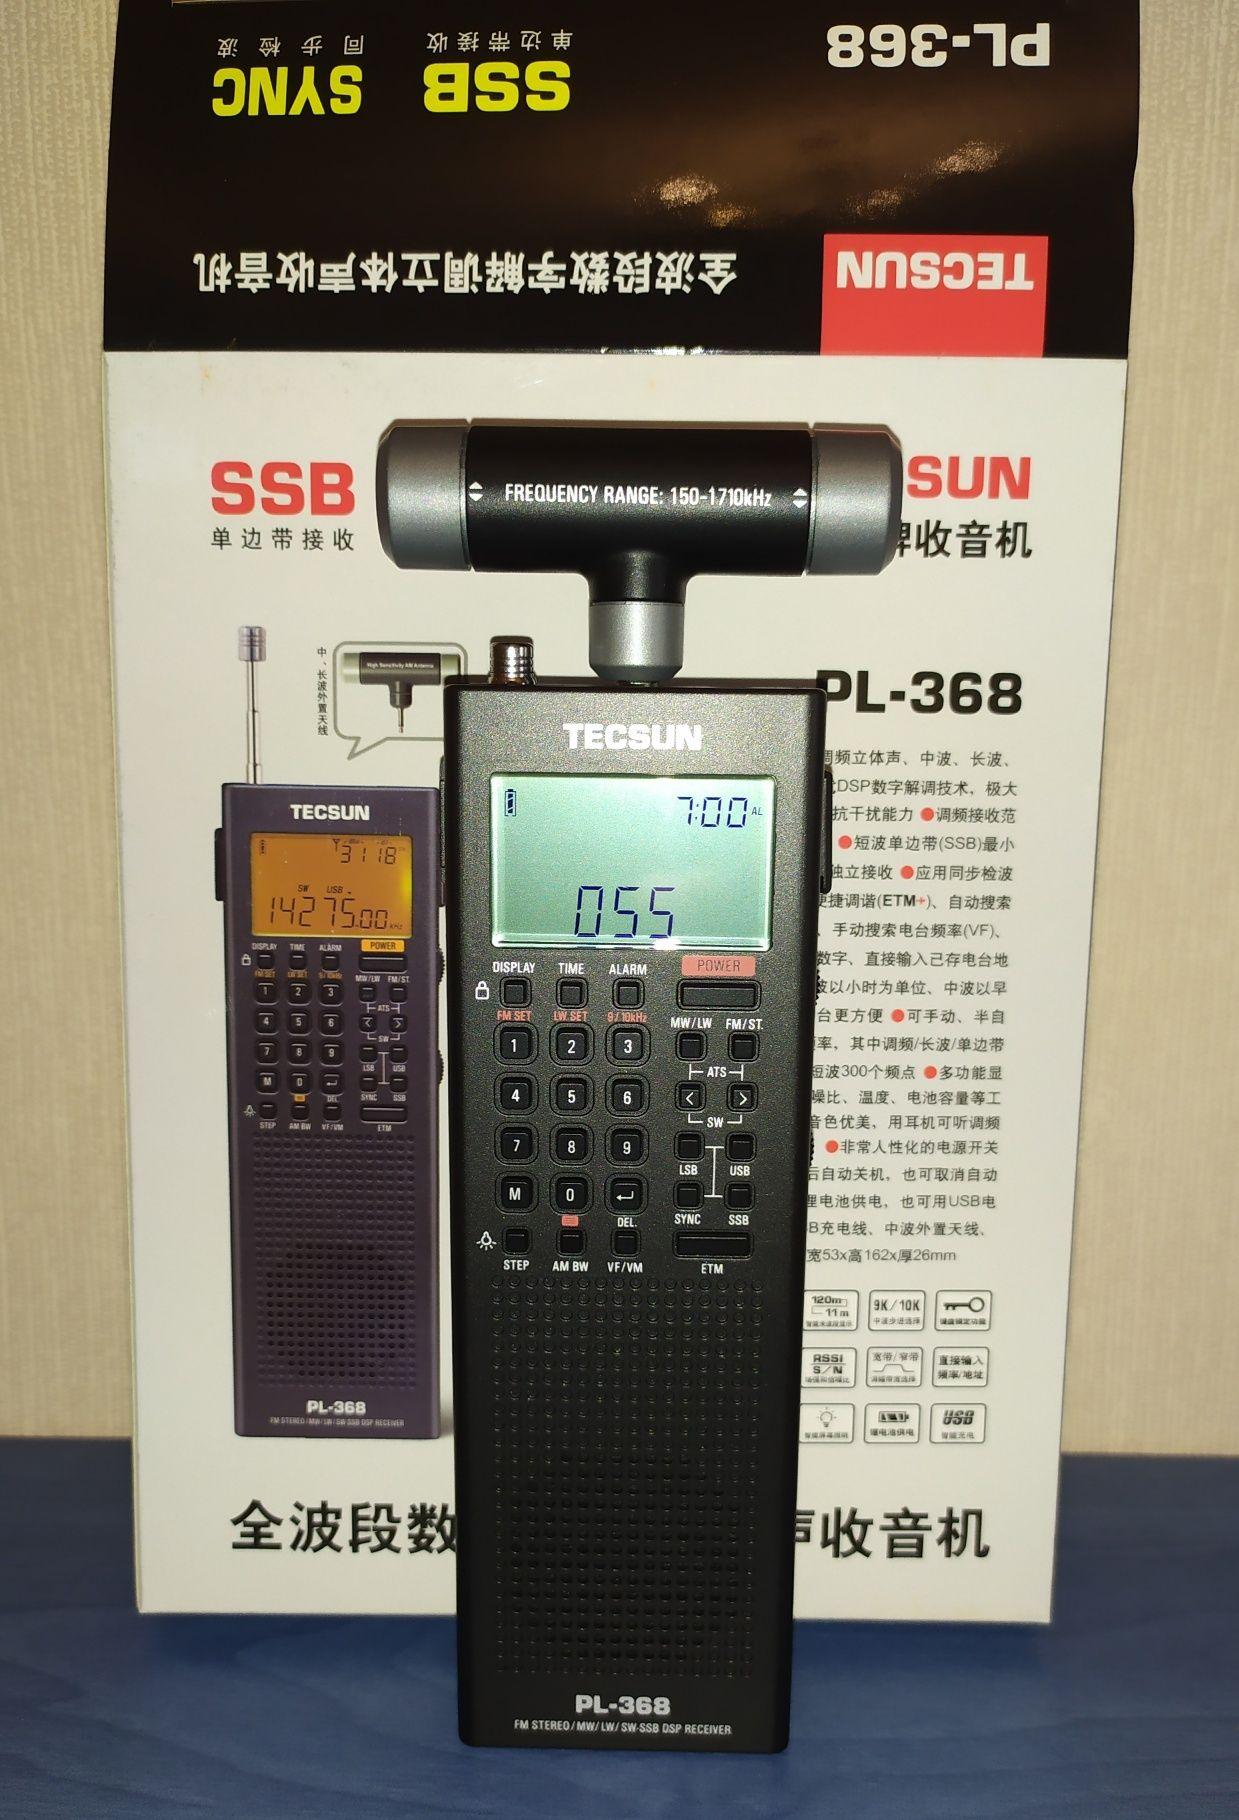 Цифровой радиоприемник Tecsun PL-368 УКВ/FM/LW/MW/SW/SSB Li-Ion 3,7 V